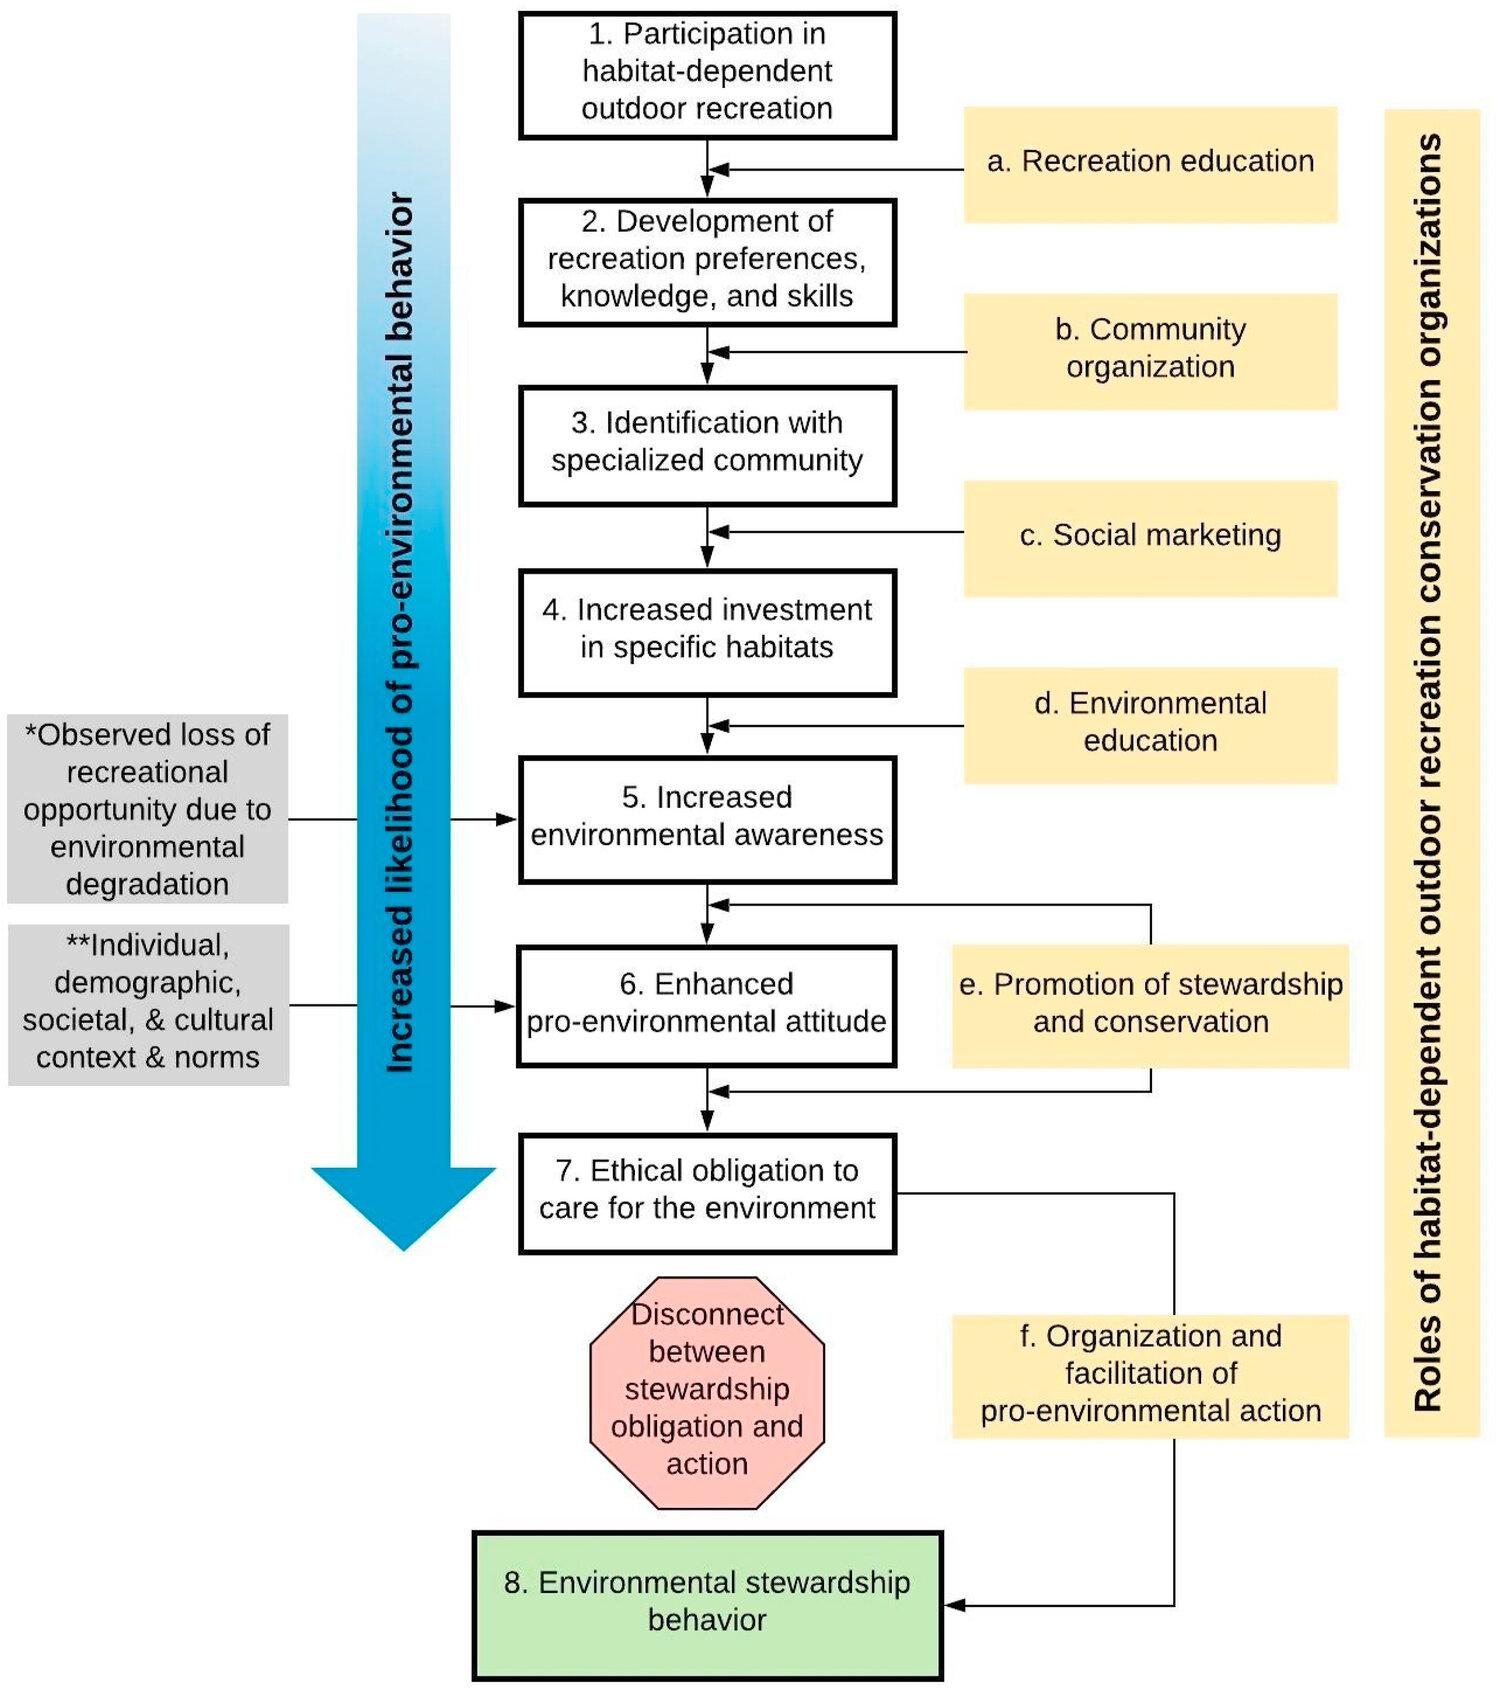 conceptual framework-recreation-conservaiton.jpg